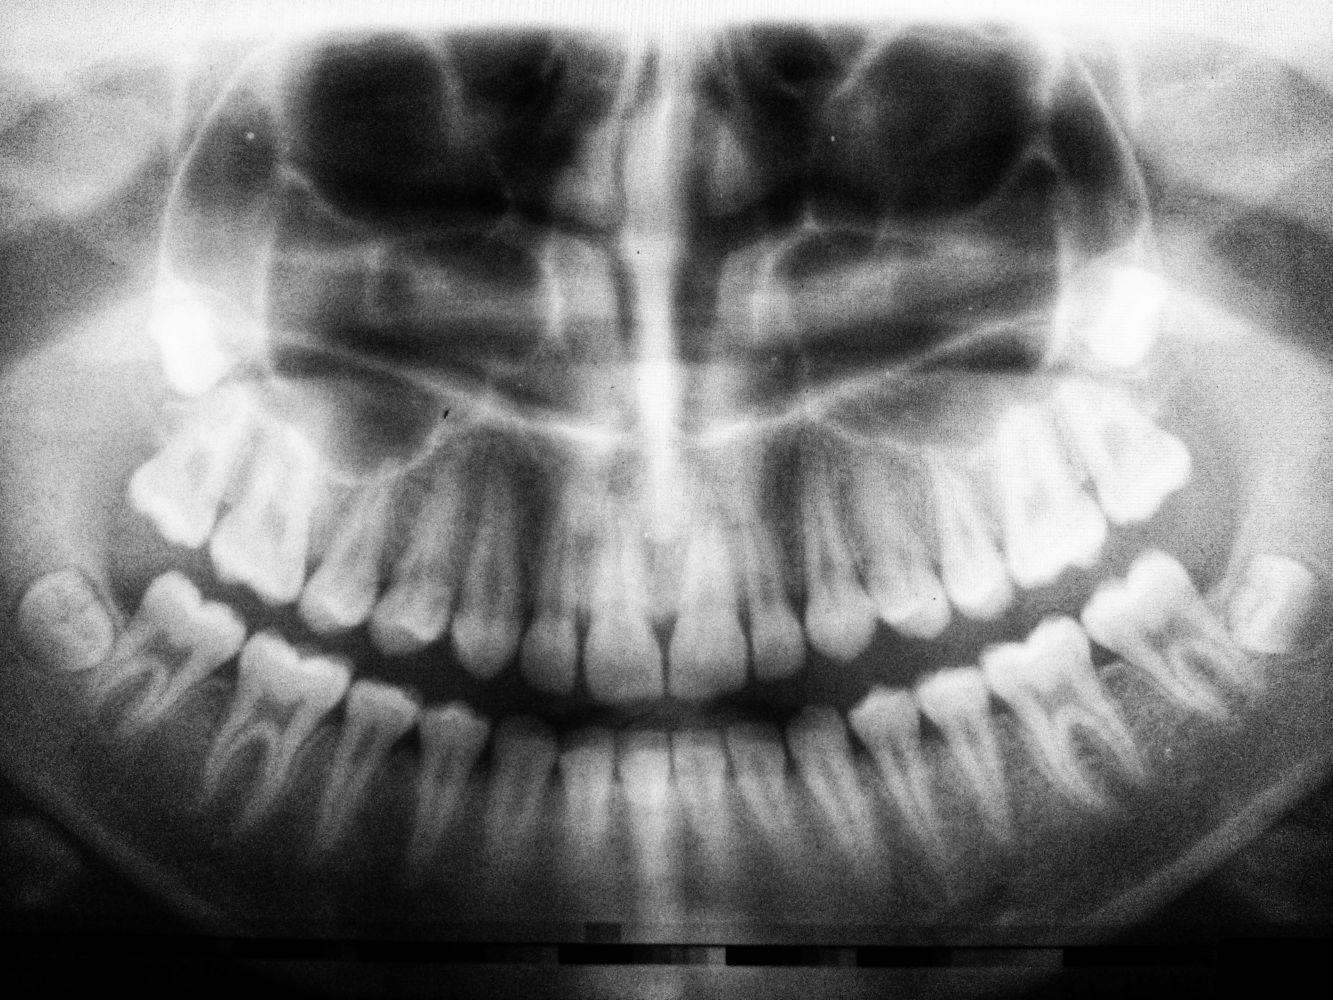 dente no nariz 3